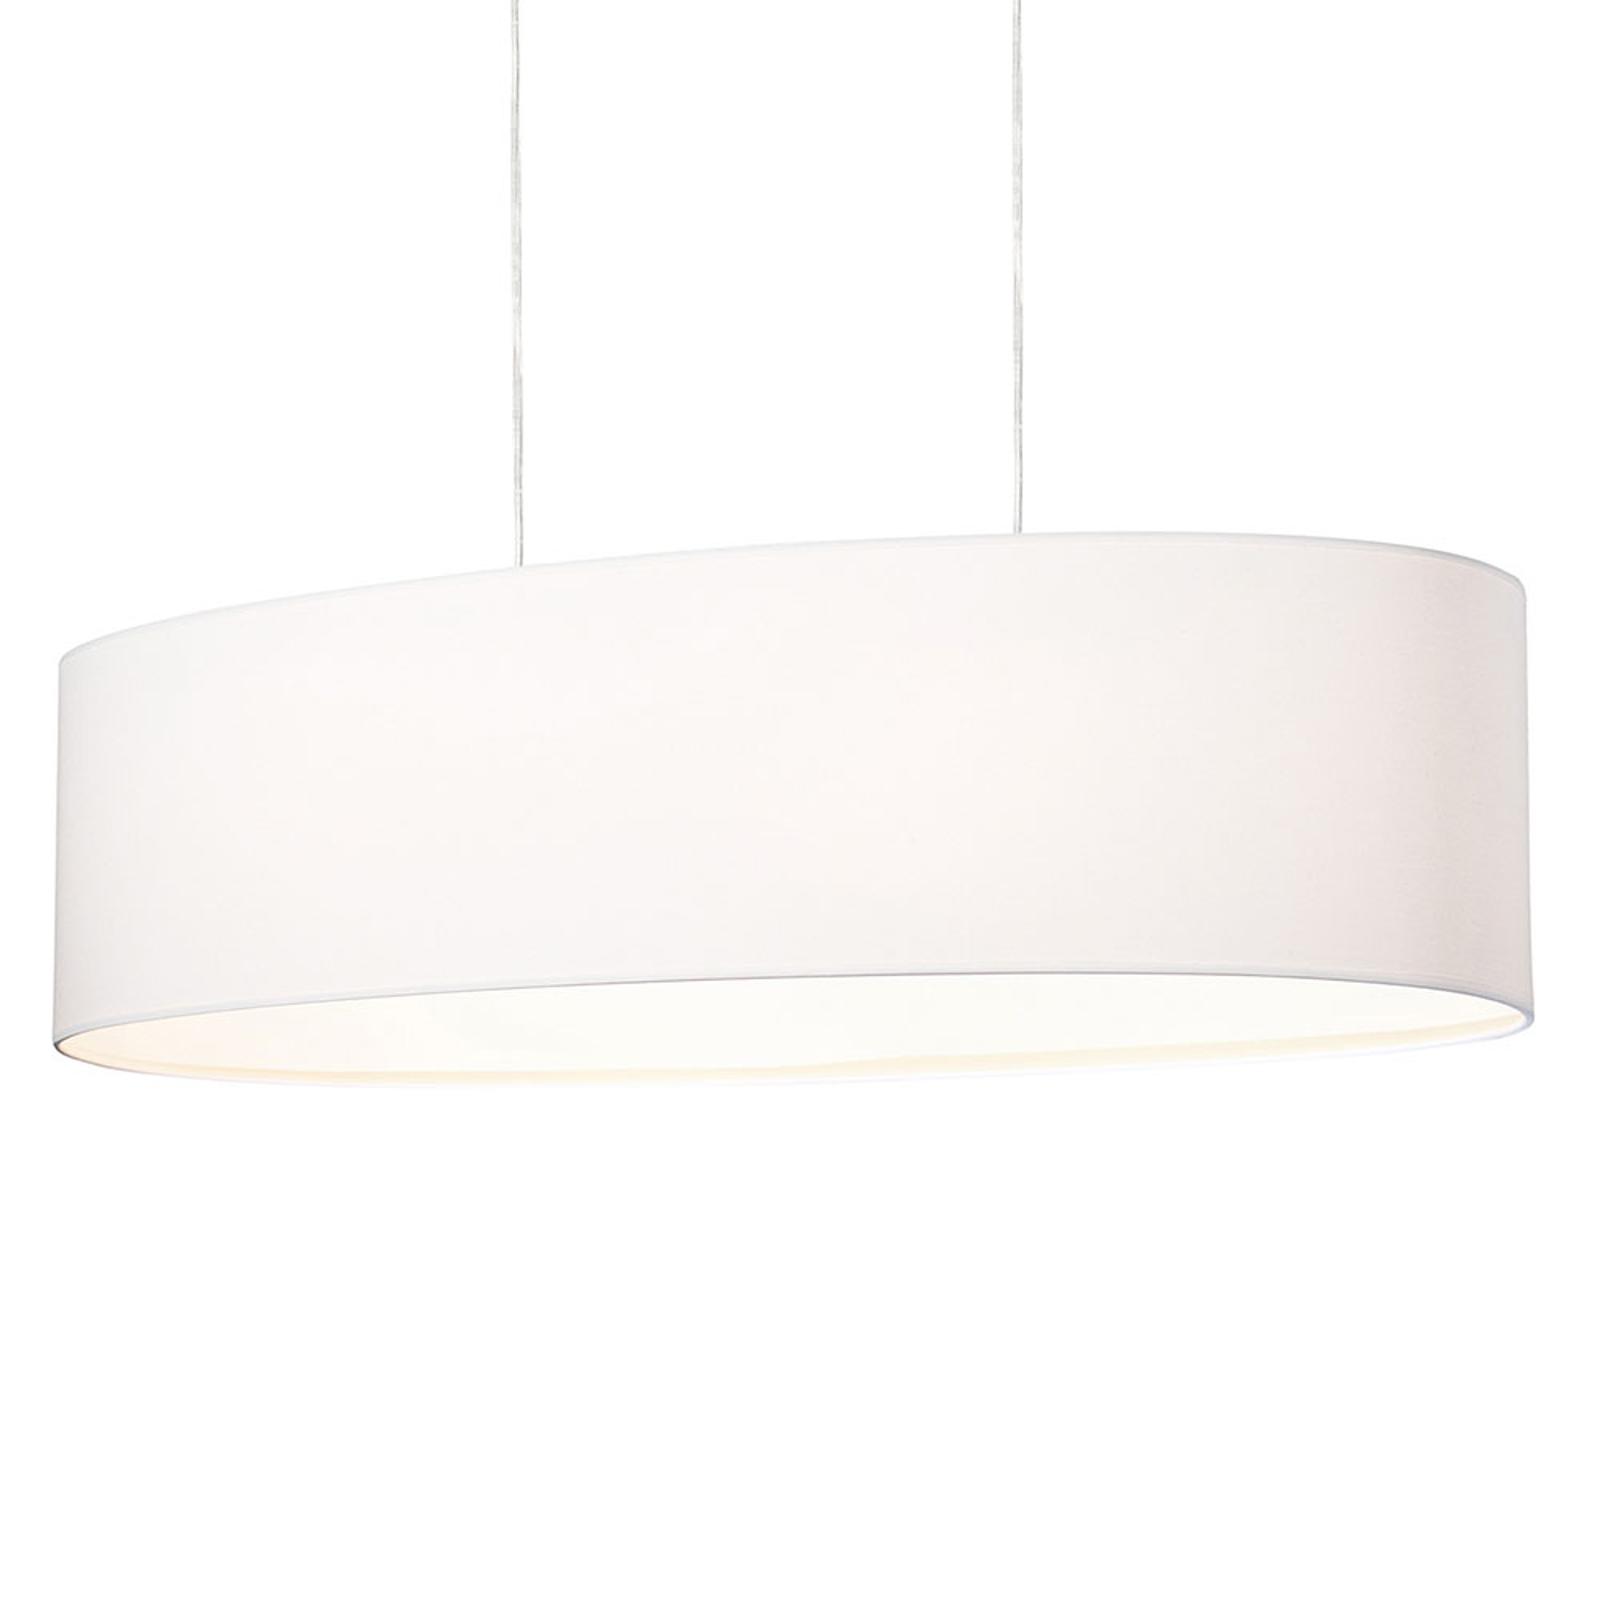 Lampa wisząca Cassy z białym kloszem tekstylnym